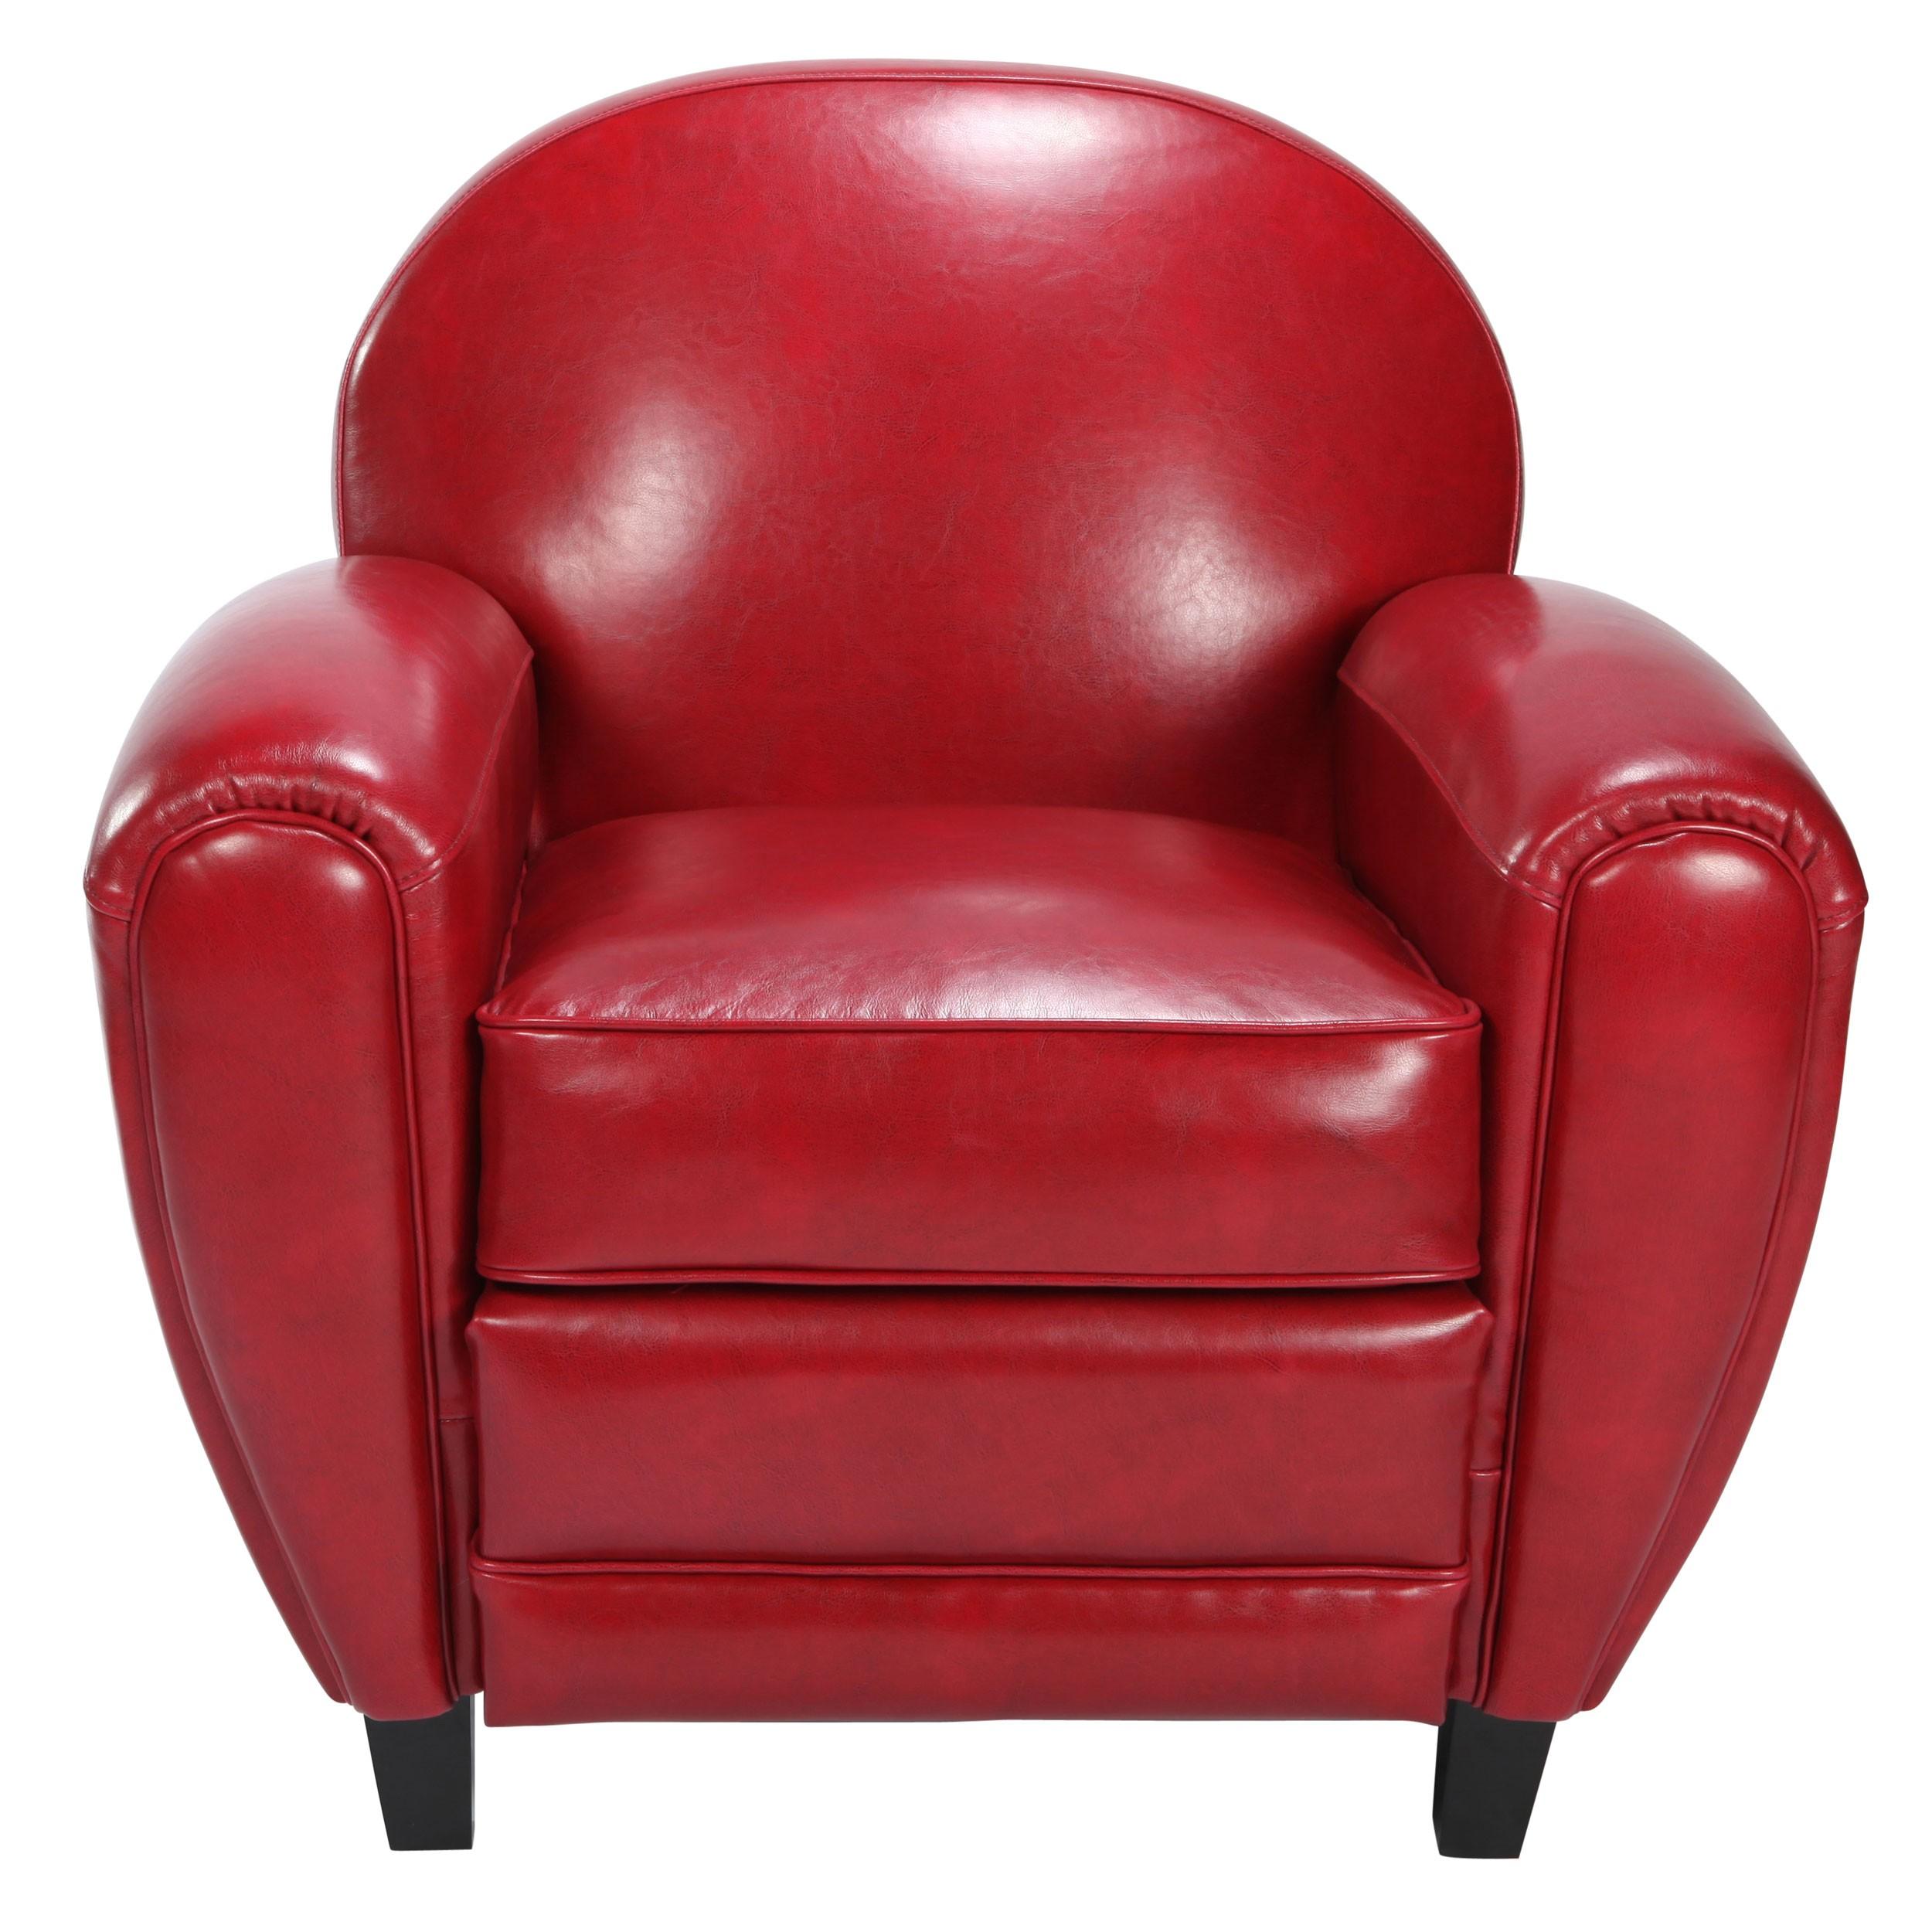 acheter fauteuil club rouge